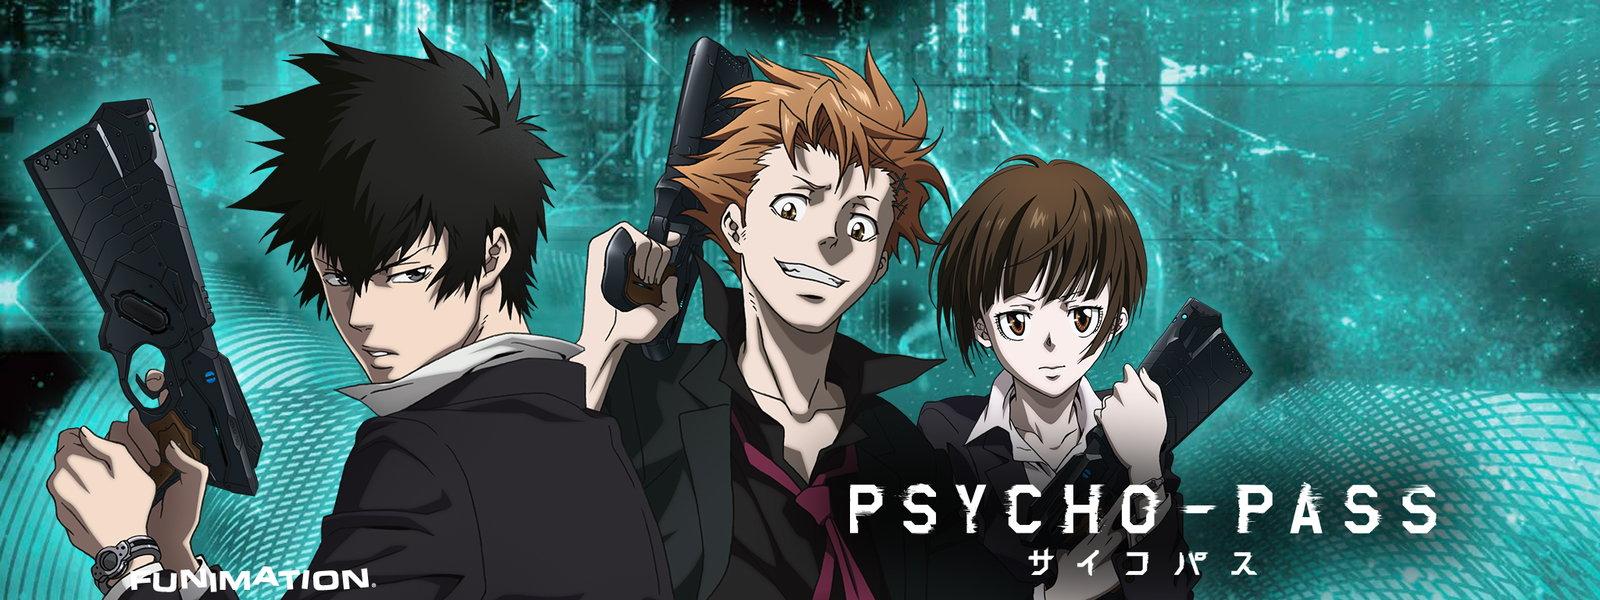 psycho pass 1 streaming ita